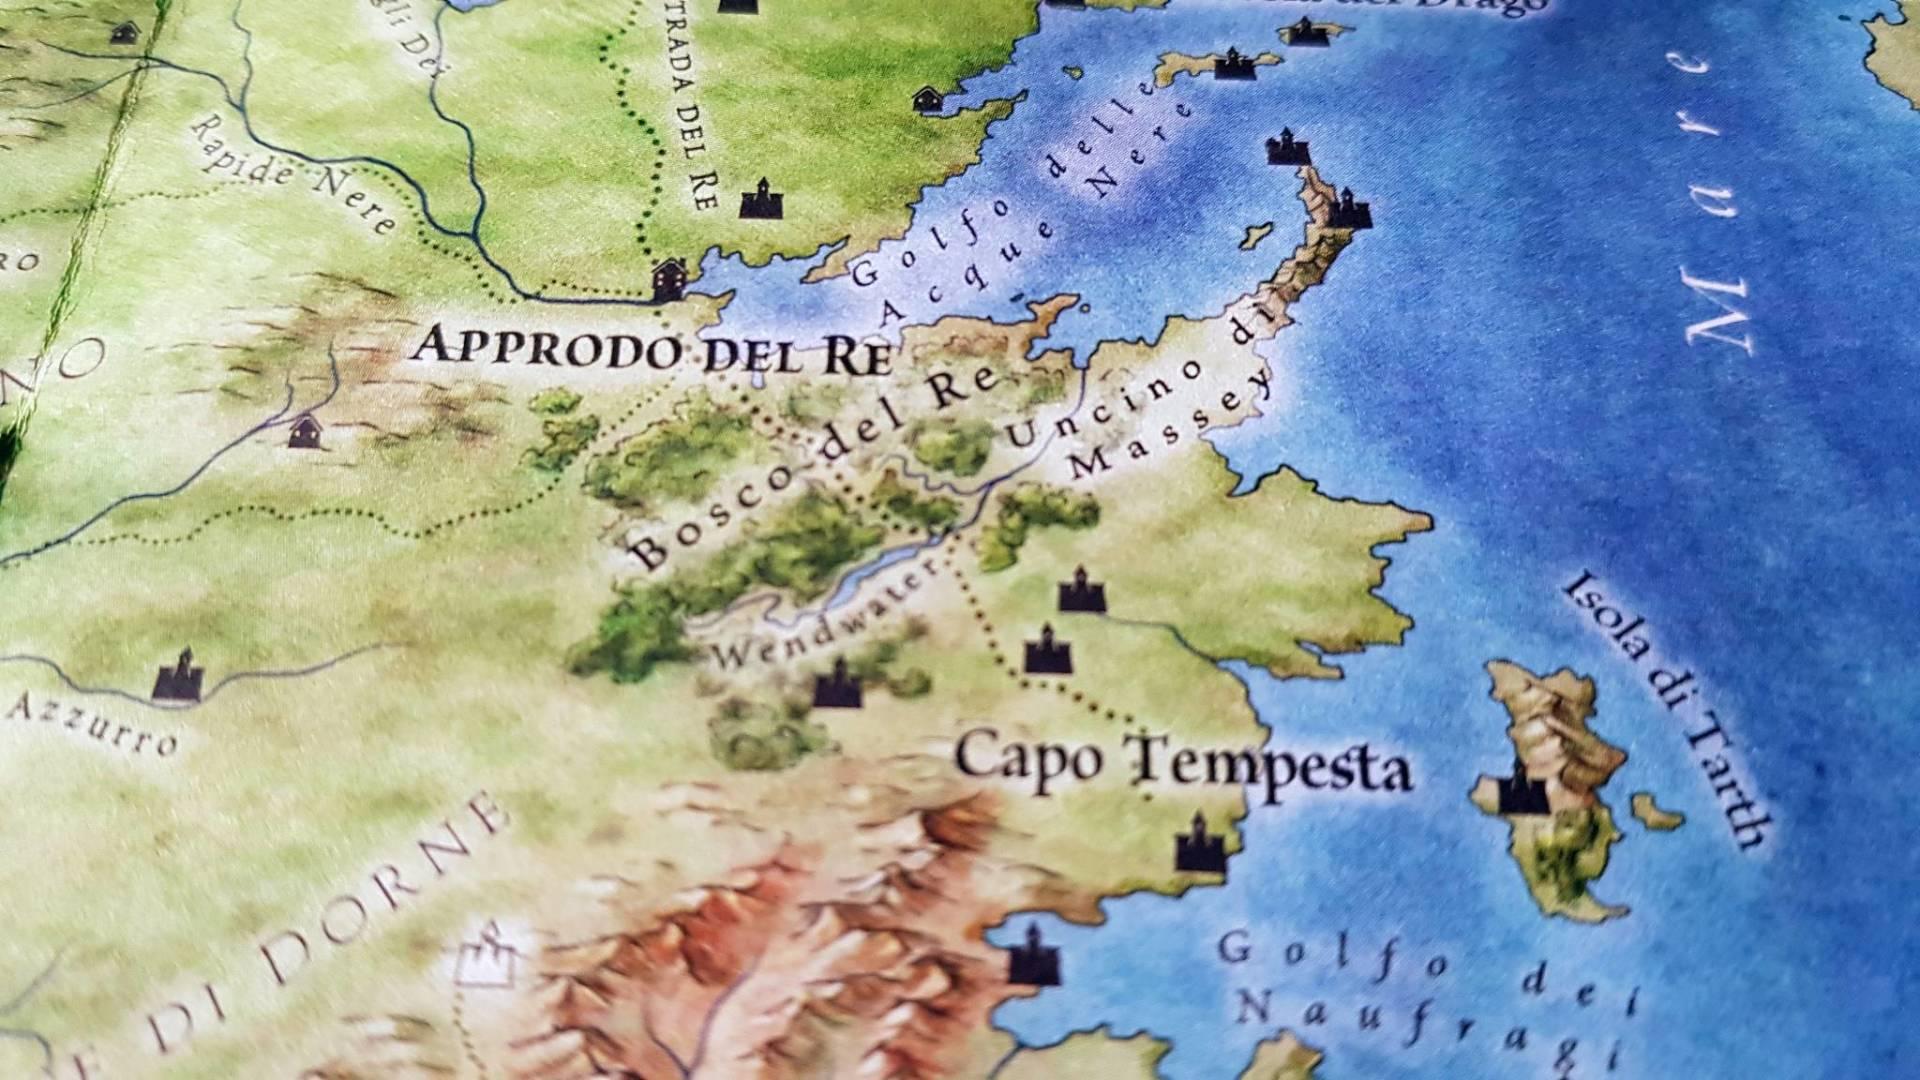 Le terre del Ghiaccio e del Fuoco